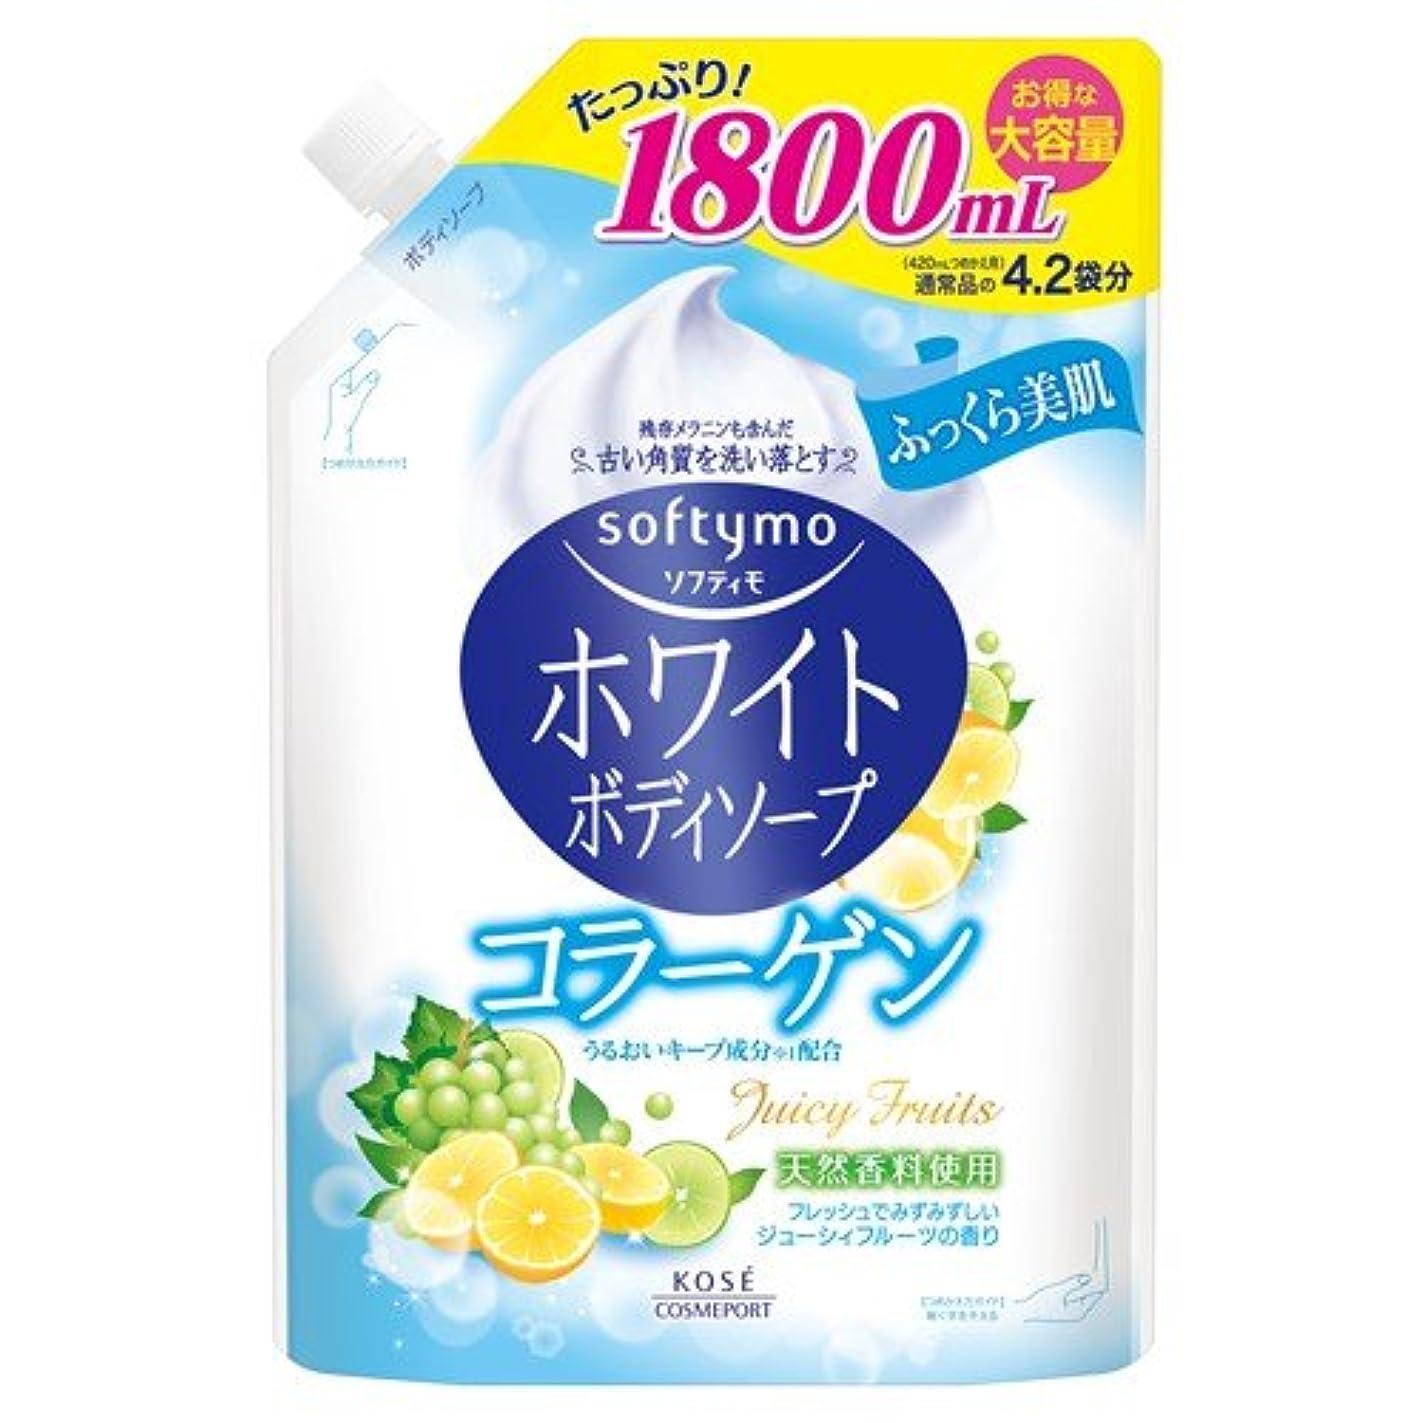 リンケージ食事を調理するマティスソフティモホワイトボディソープコラーゲン1.8L